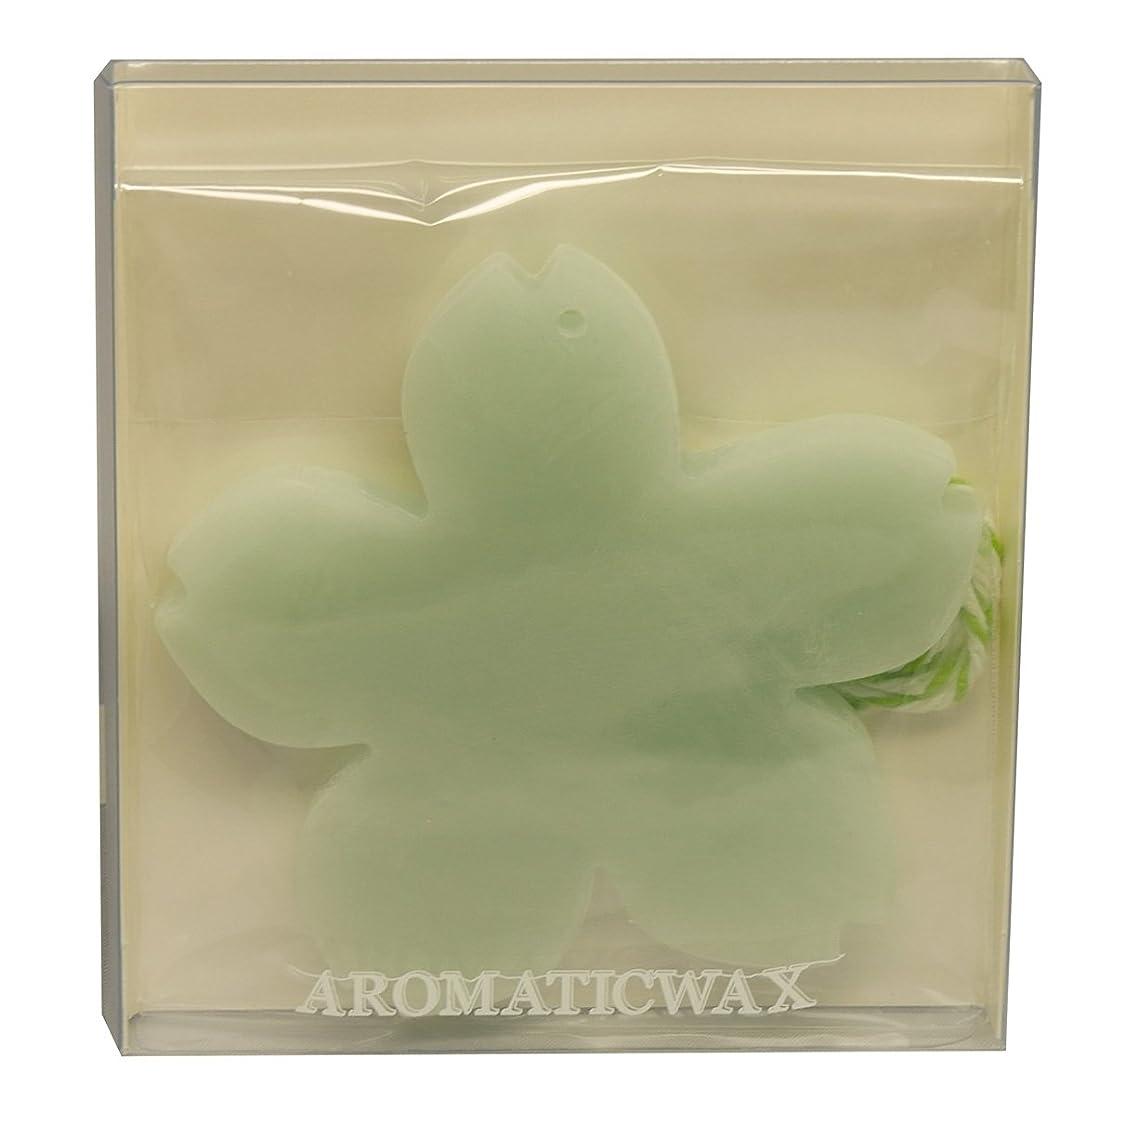 苛性欲しいです訪問GRASSE TOKYO AROMATICWAXチャーム「さくら」(GR) レモングラス アロマティックワックス グラーストウキョウ